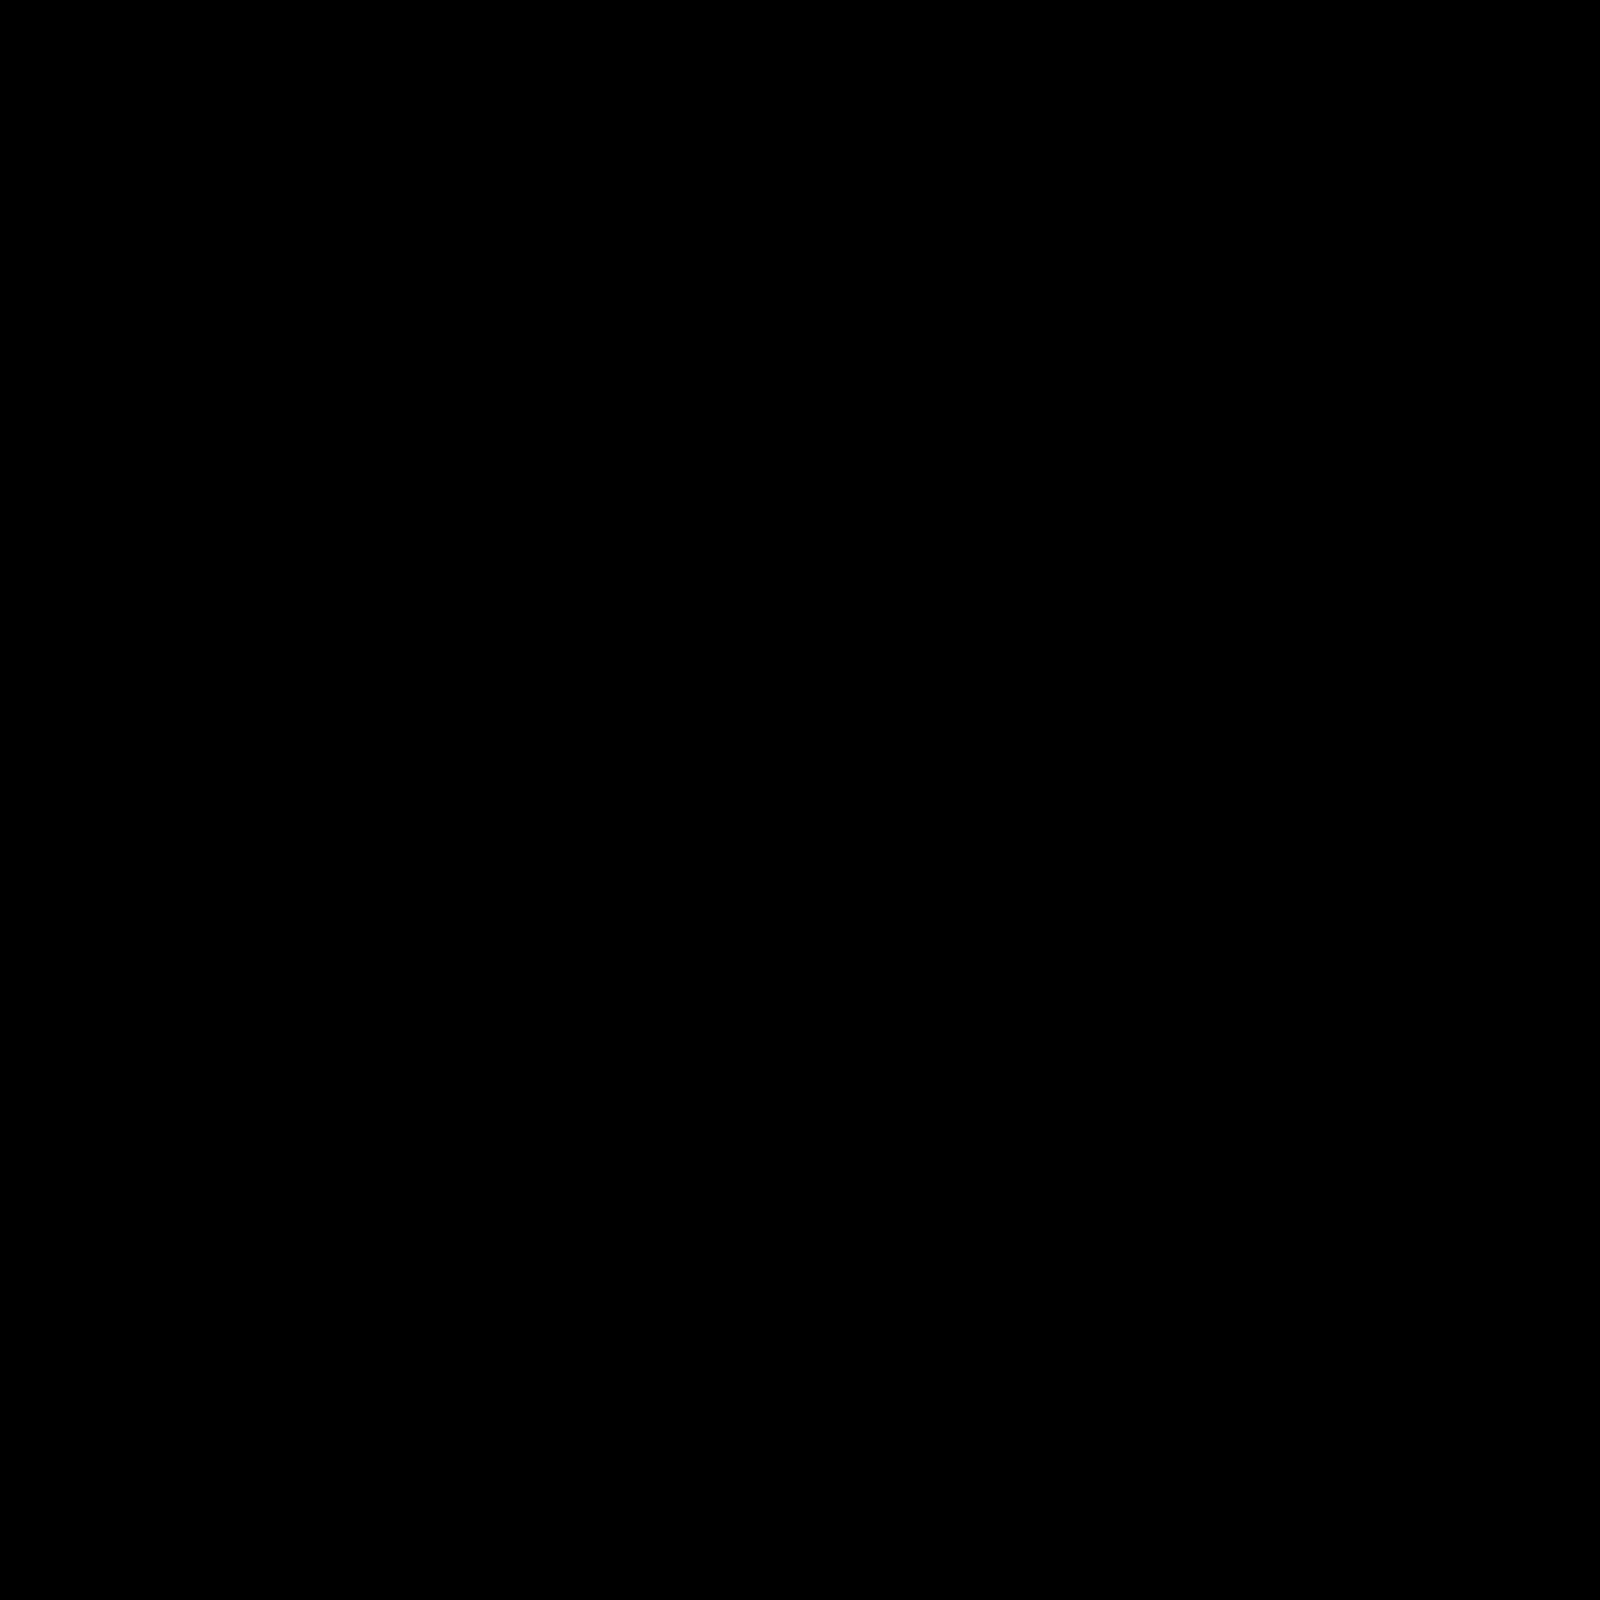 Sankey icon